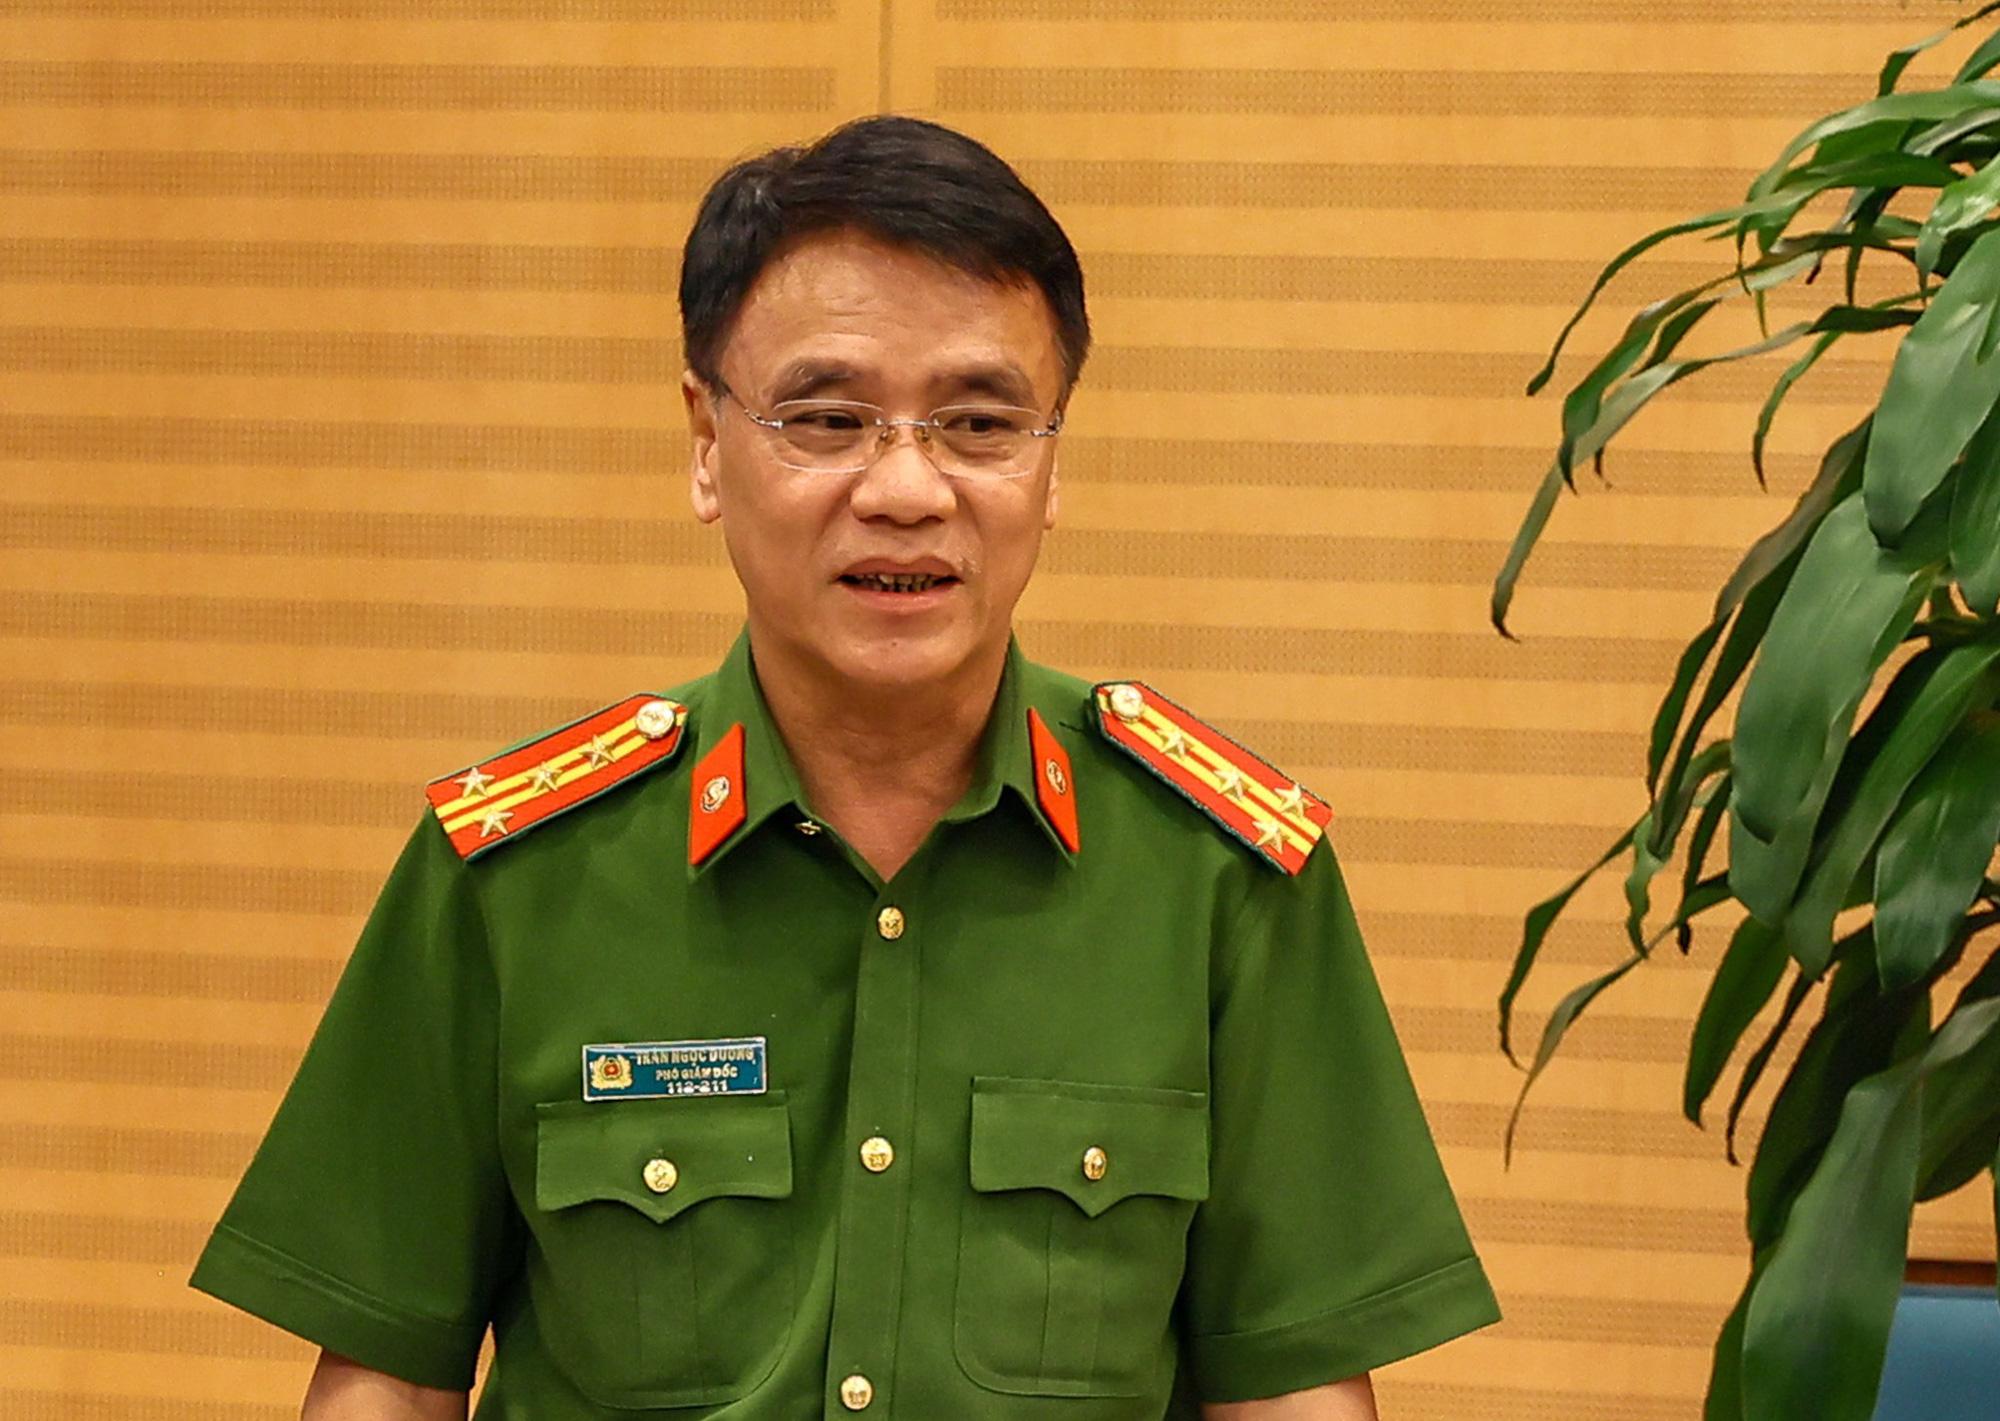 Hà Nội thông tin về việc lập 22 chốt kiểm soát người và phương tiện ở cửa ngõ ra vào Thủ đô - Ảnh 2.